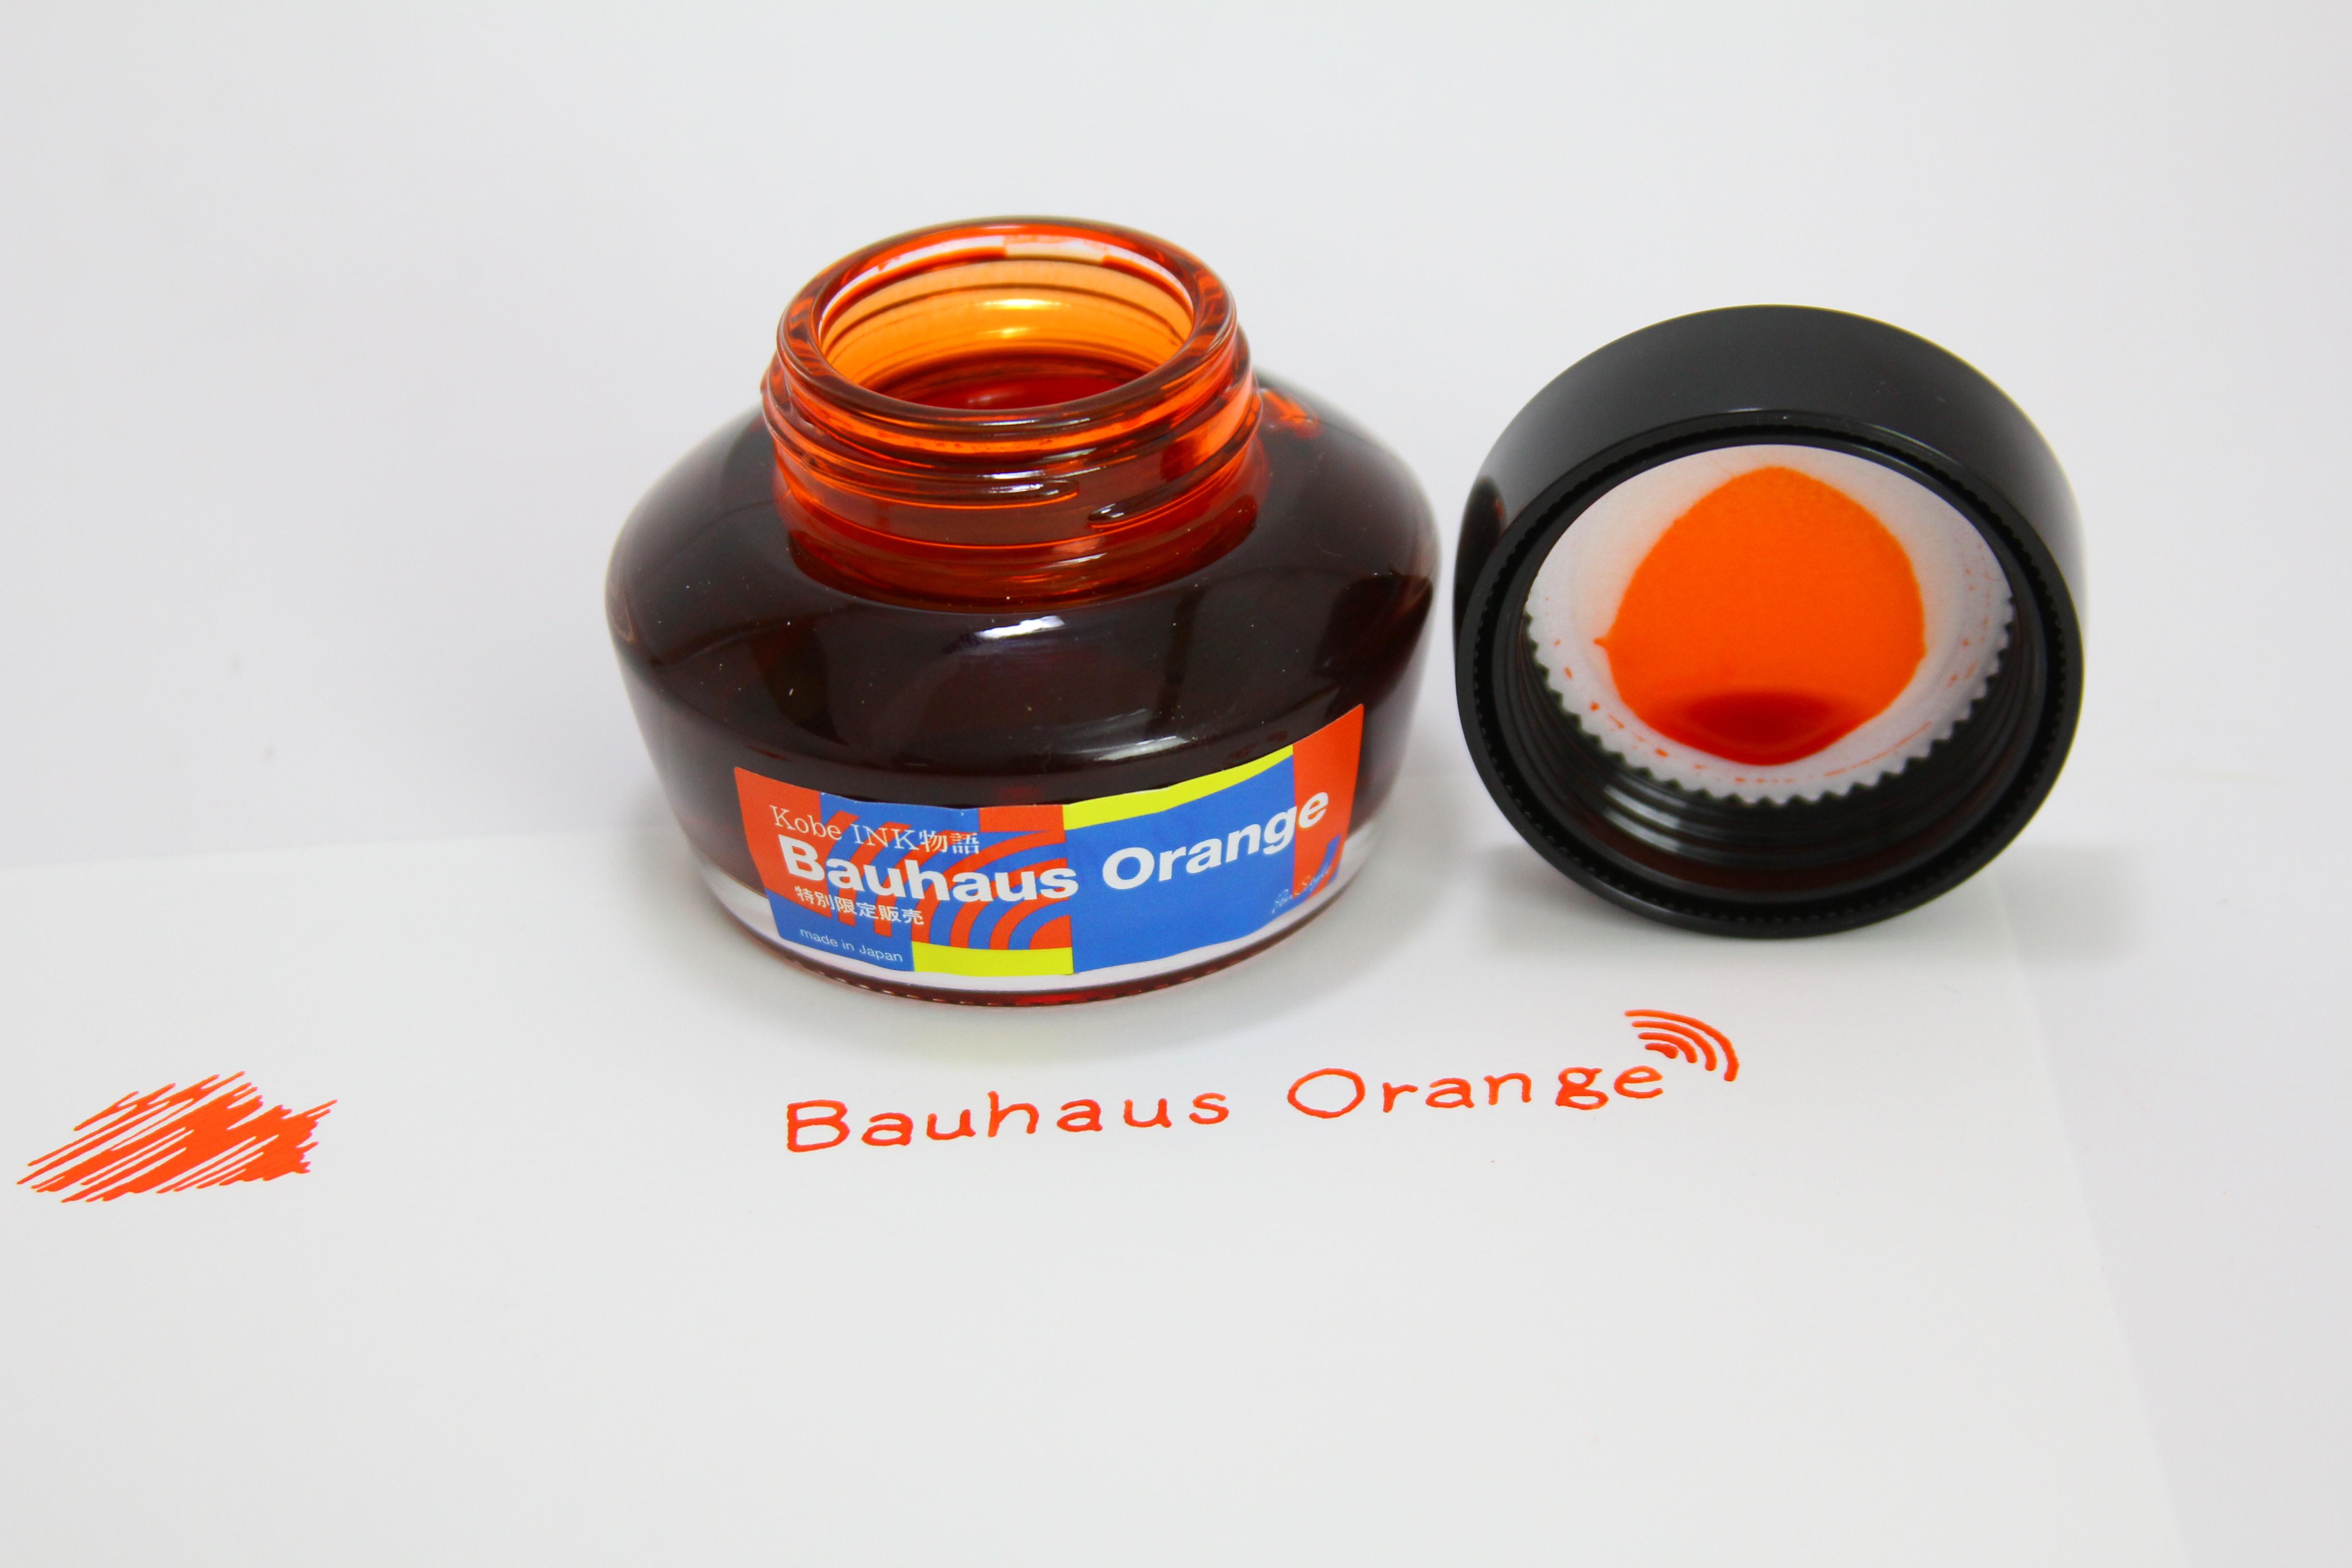 bauhaus-orange